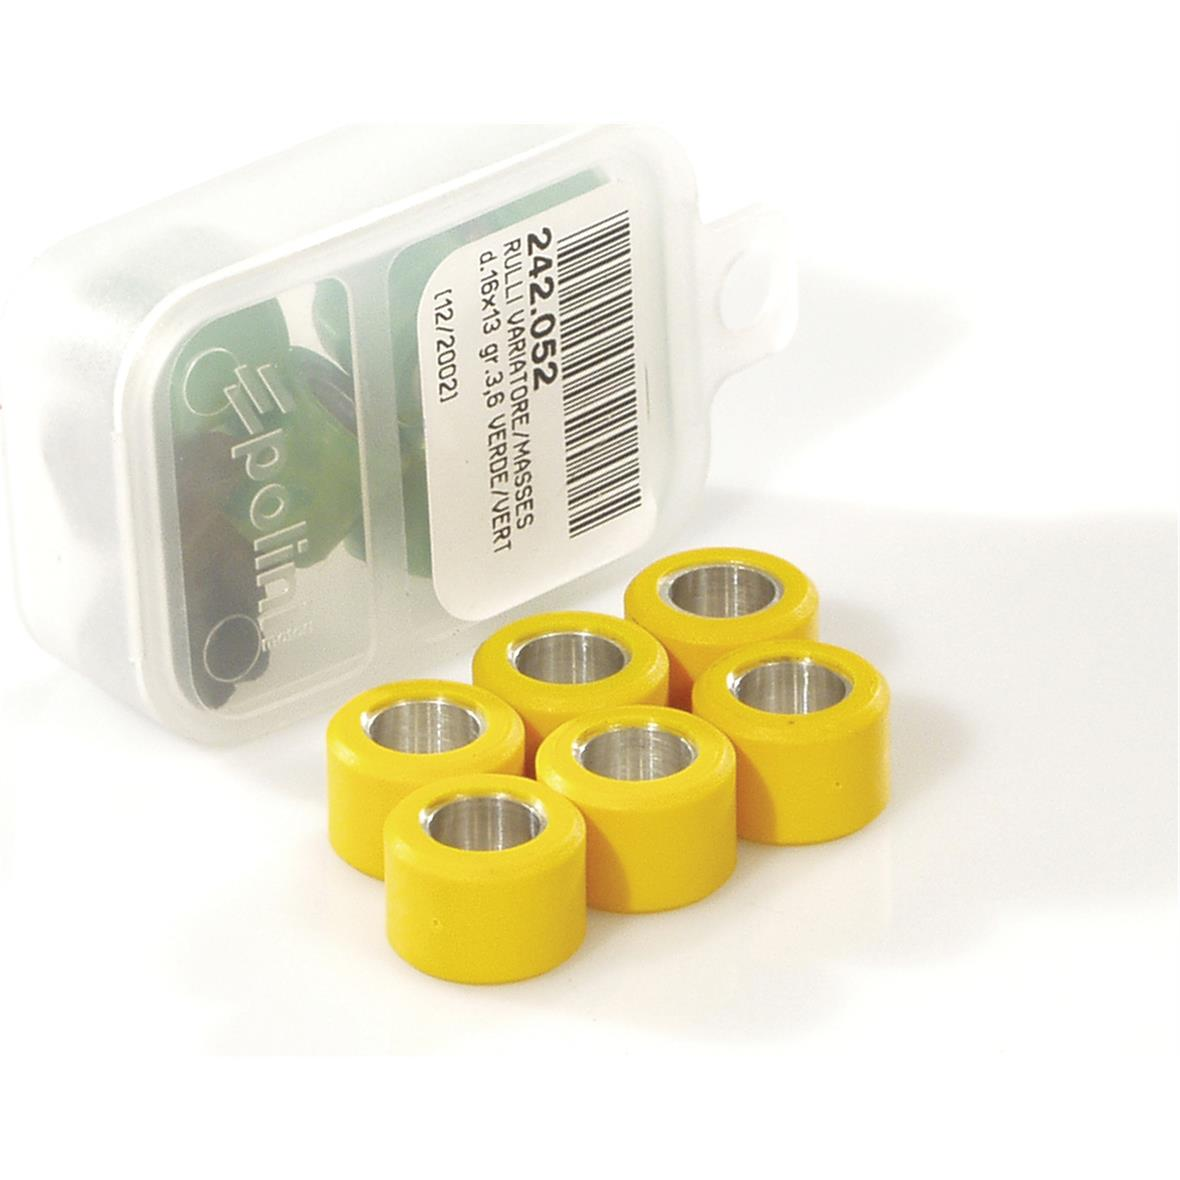 Obrázek výrobku pro 'Válečky variátoru POLINI 15x12 mm 3,7 gramTitle'